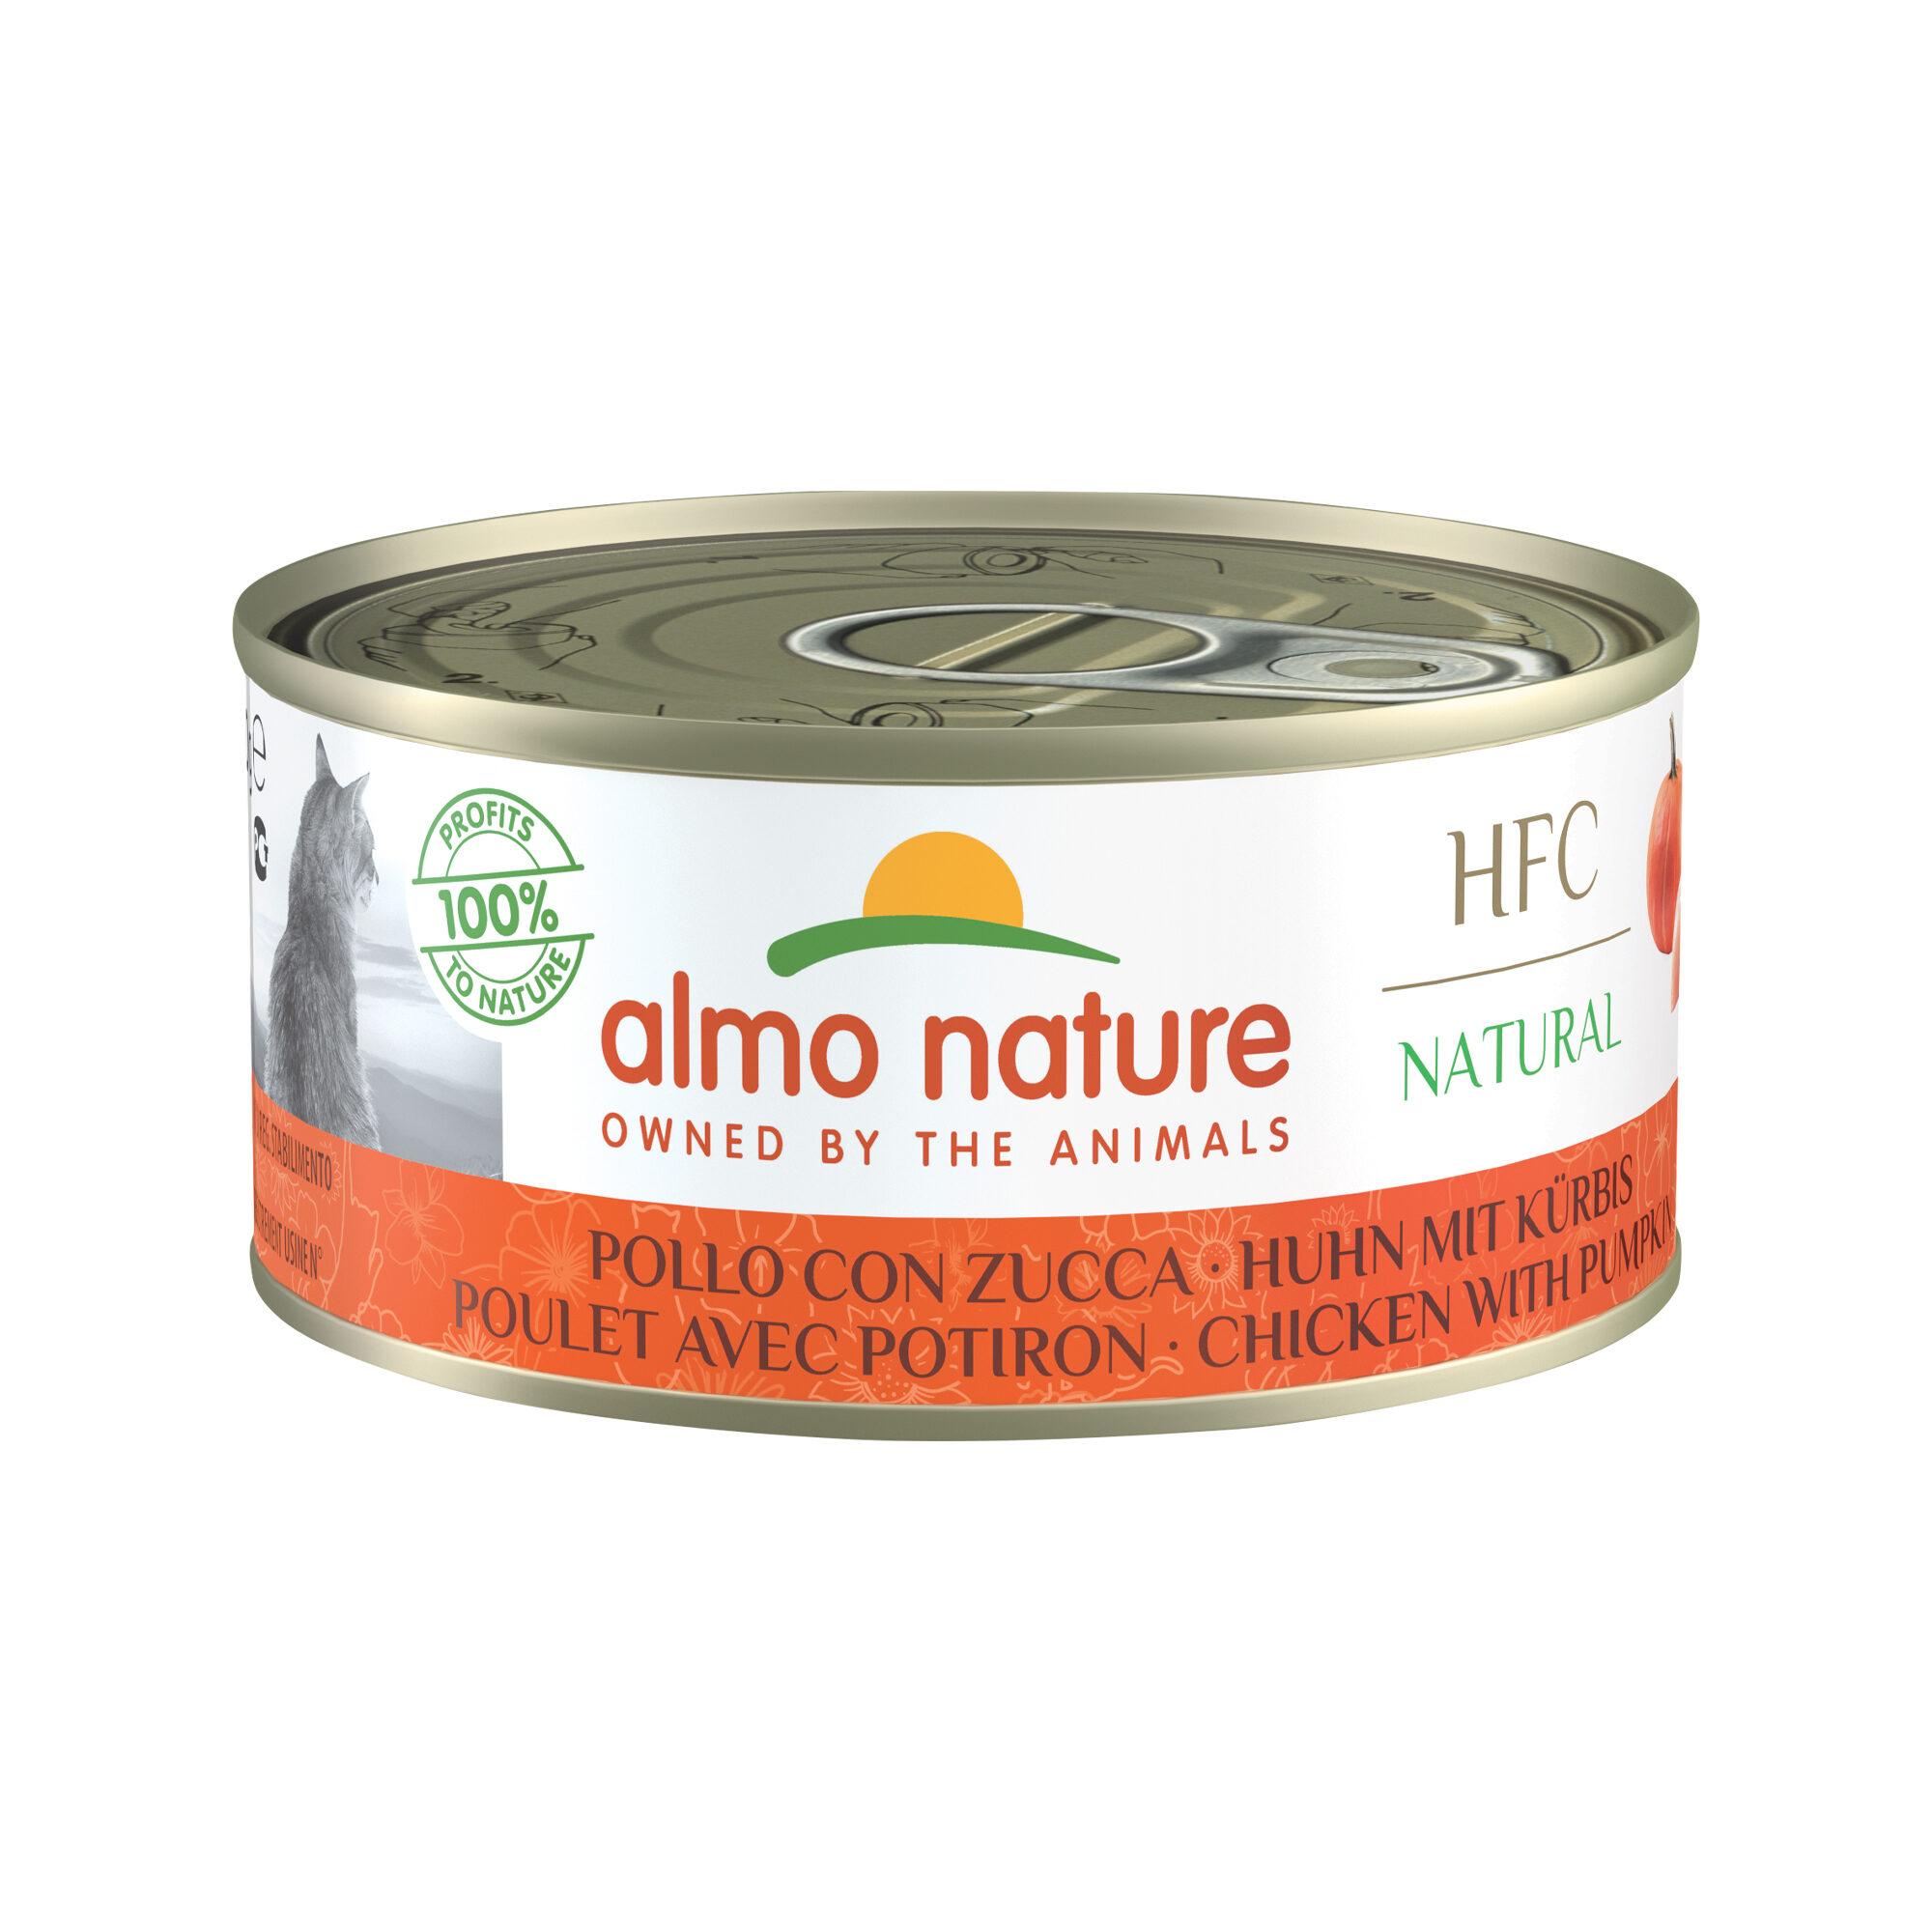 Almo Nature HFC Natural Alimentation pour chat - Poulet et citrouille